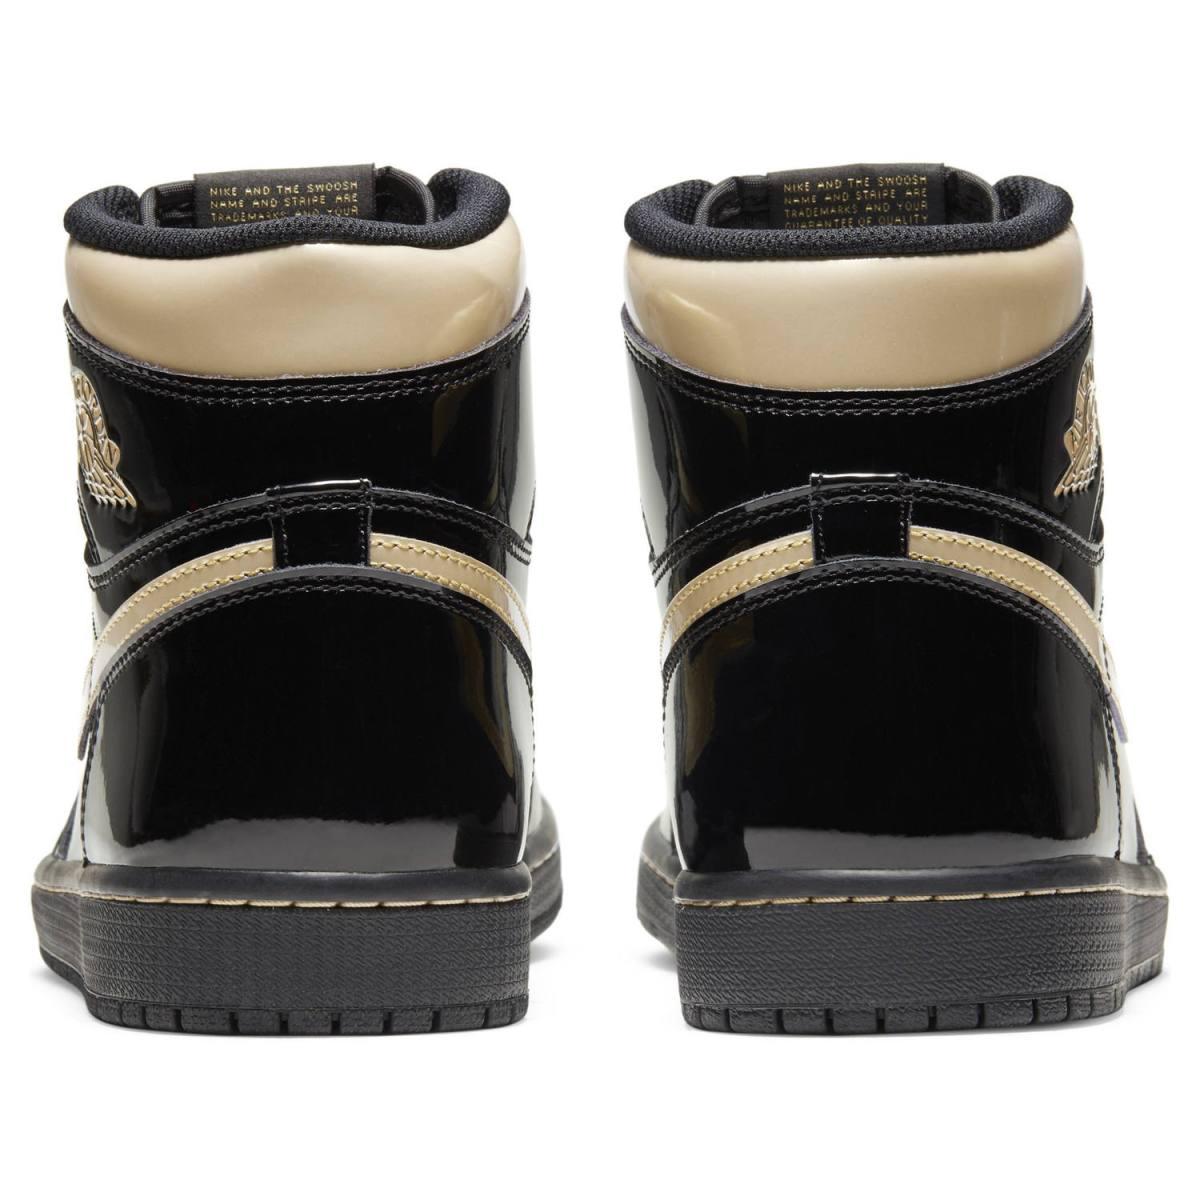 Jordan 1 RetroHigh Og Black & Gold